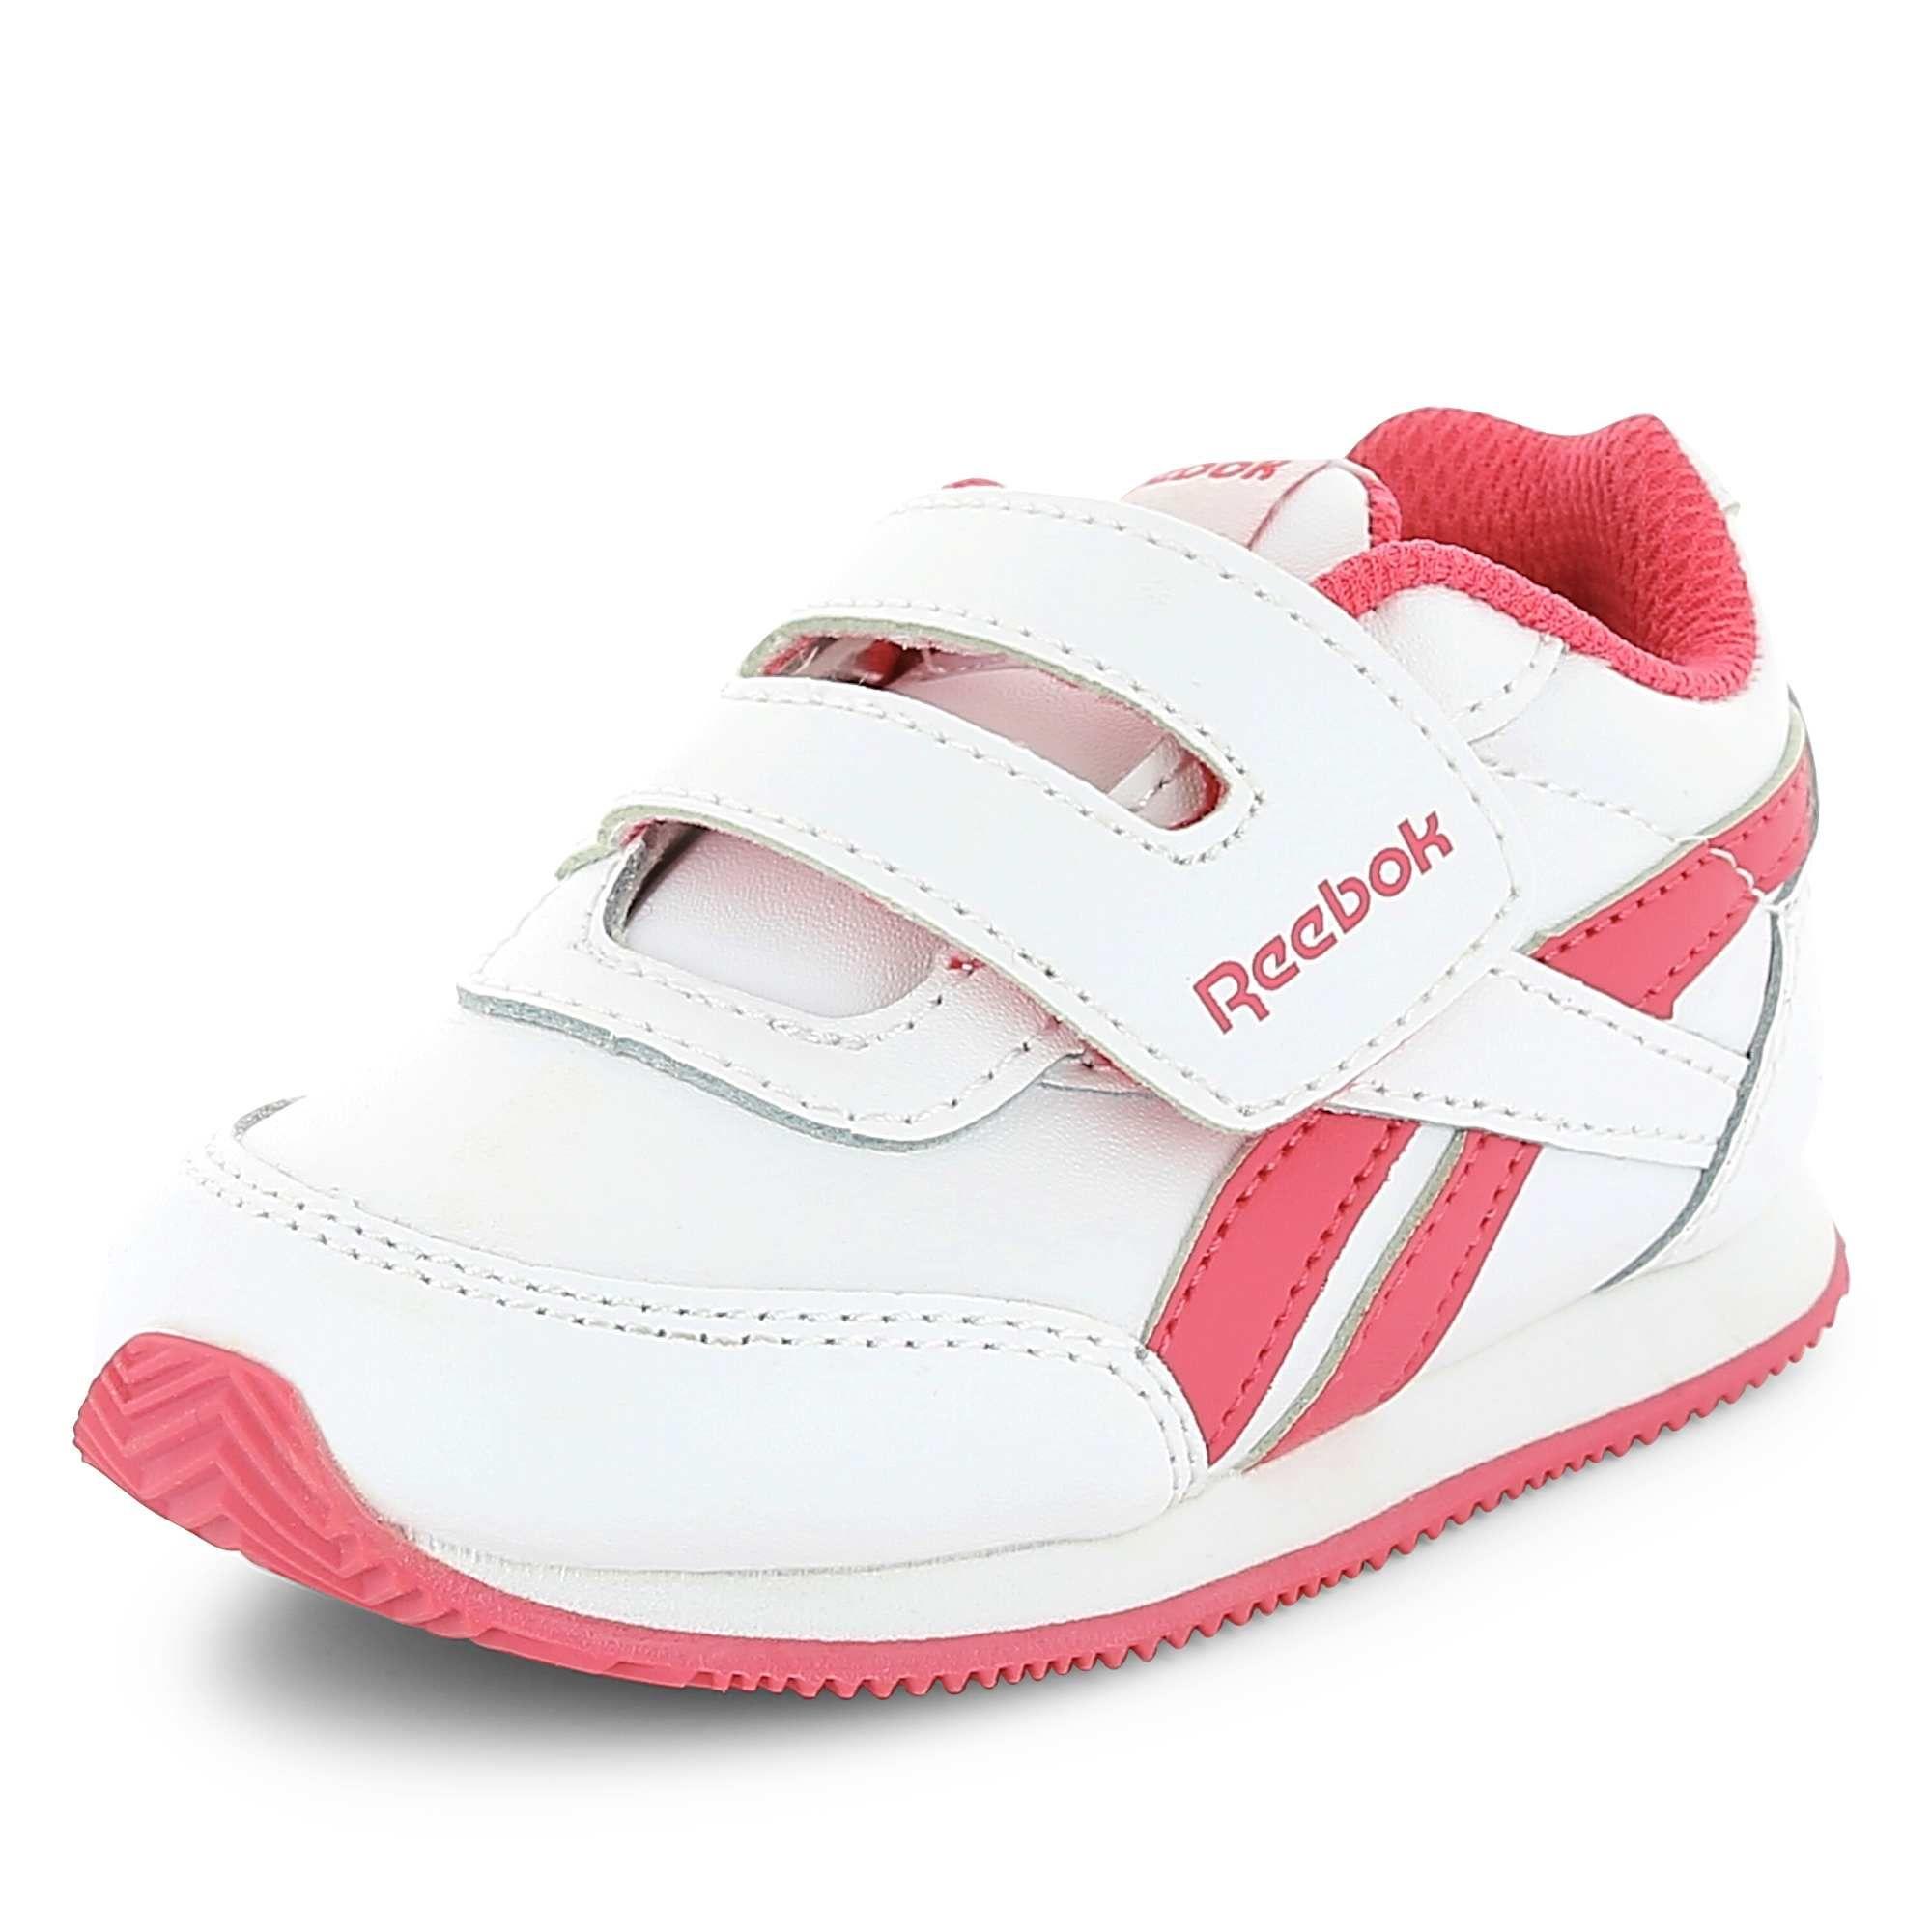 Zapatillas deportivas 'Reebok' Infantil niña Kiabi 30,00